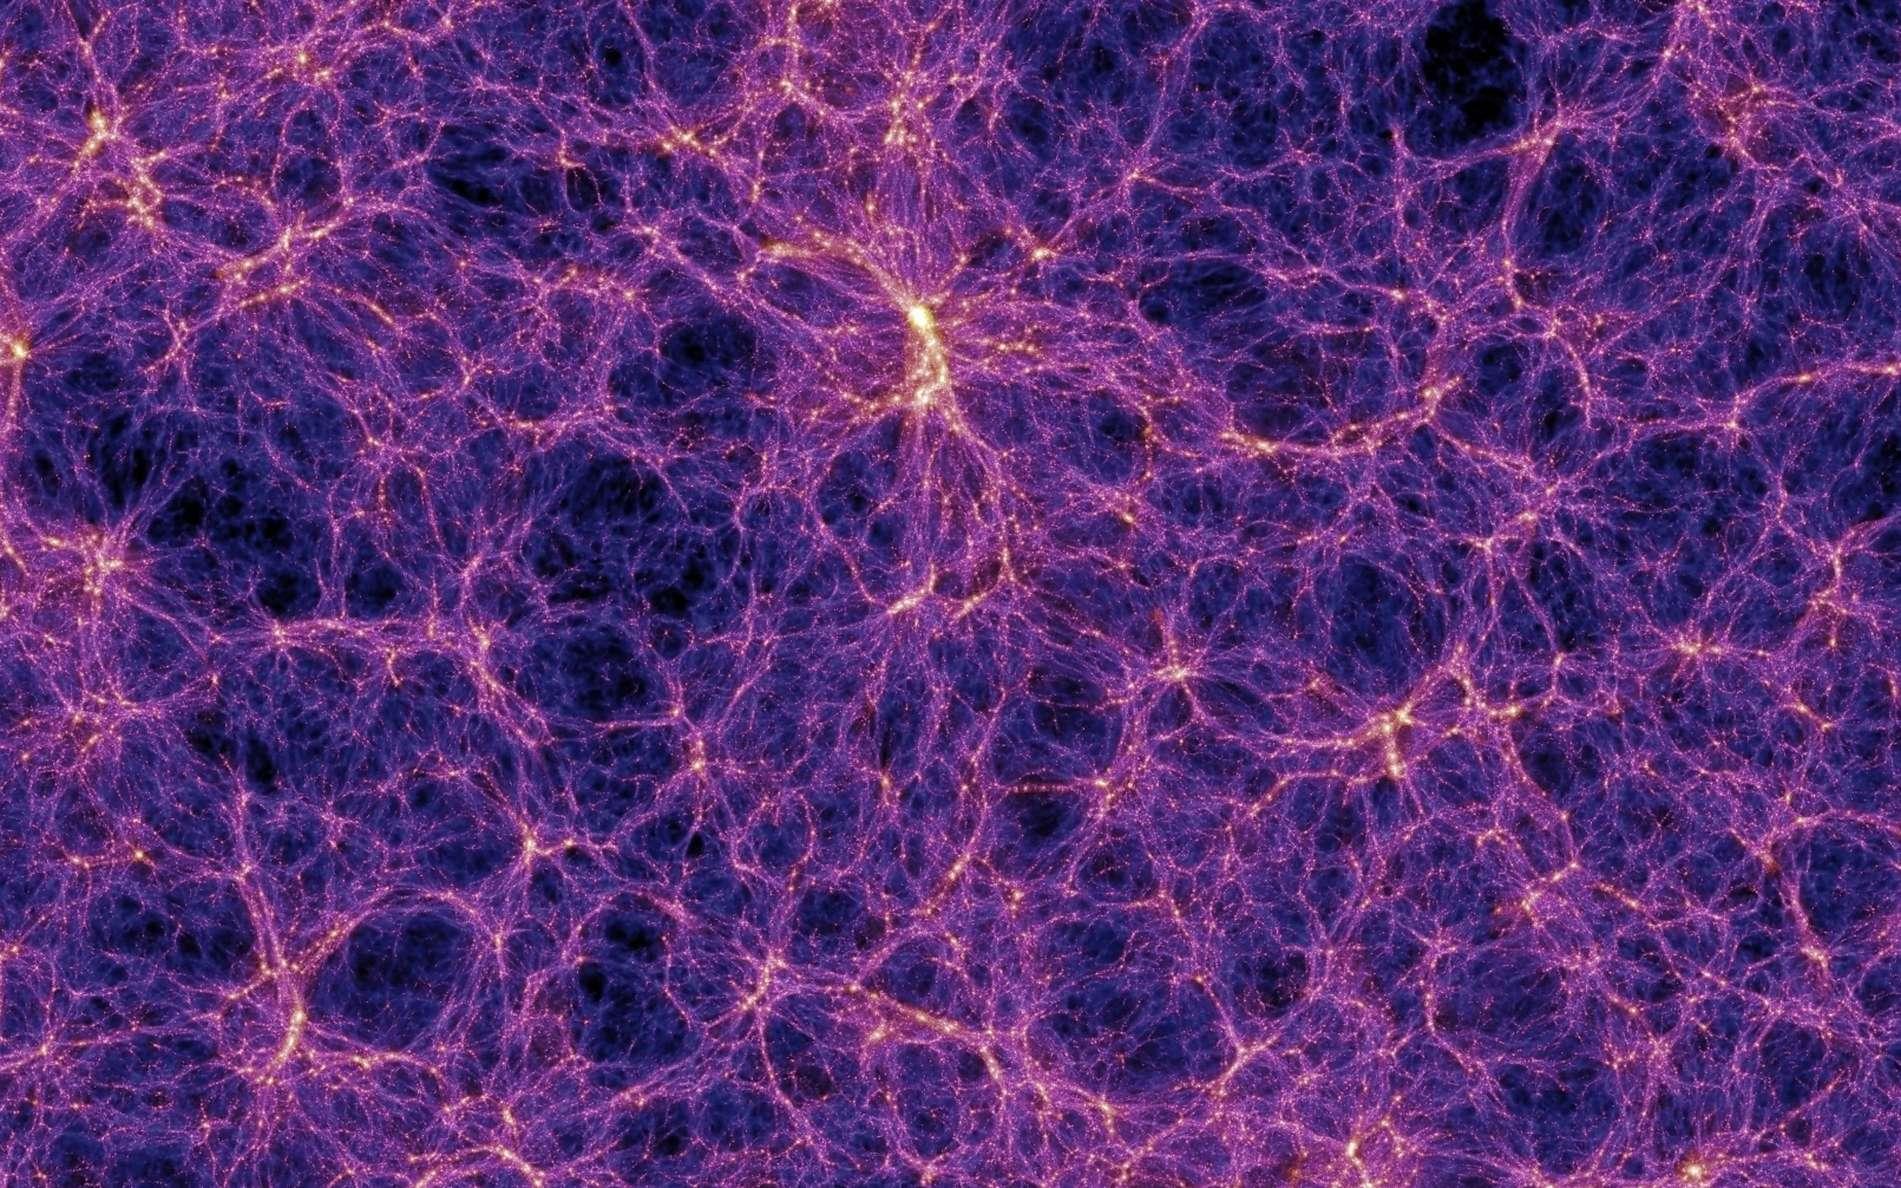 Sur cette image provenant d'une des meilleures simulations de la formation des grandes structures de l'univers, des filaments de matière noire contenant des superamas de galaxies apparaissent clairement. On note aussi la présence de grands vides, parfois appelés vides cosmiques (cosmic voids en anglais). La barre blanche indique l'échelle des distances en mégaparsecs corrigée par le facteur h lié à la constante de Hubble. On estime que h est compris entre 0,65 et 0,70, la meilleure estimation en 2014 étant de 0,68. © Max Planck Institute for Astrophysics, Millennium Simulation Project